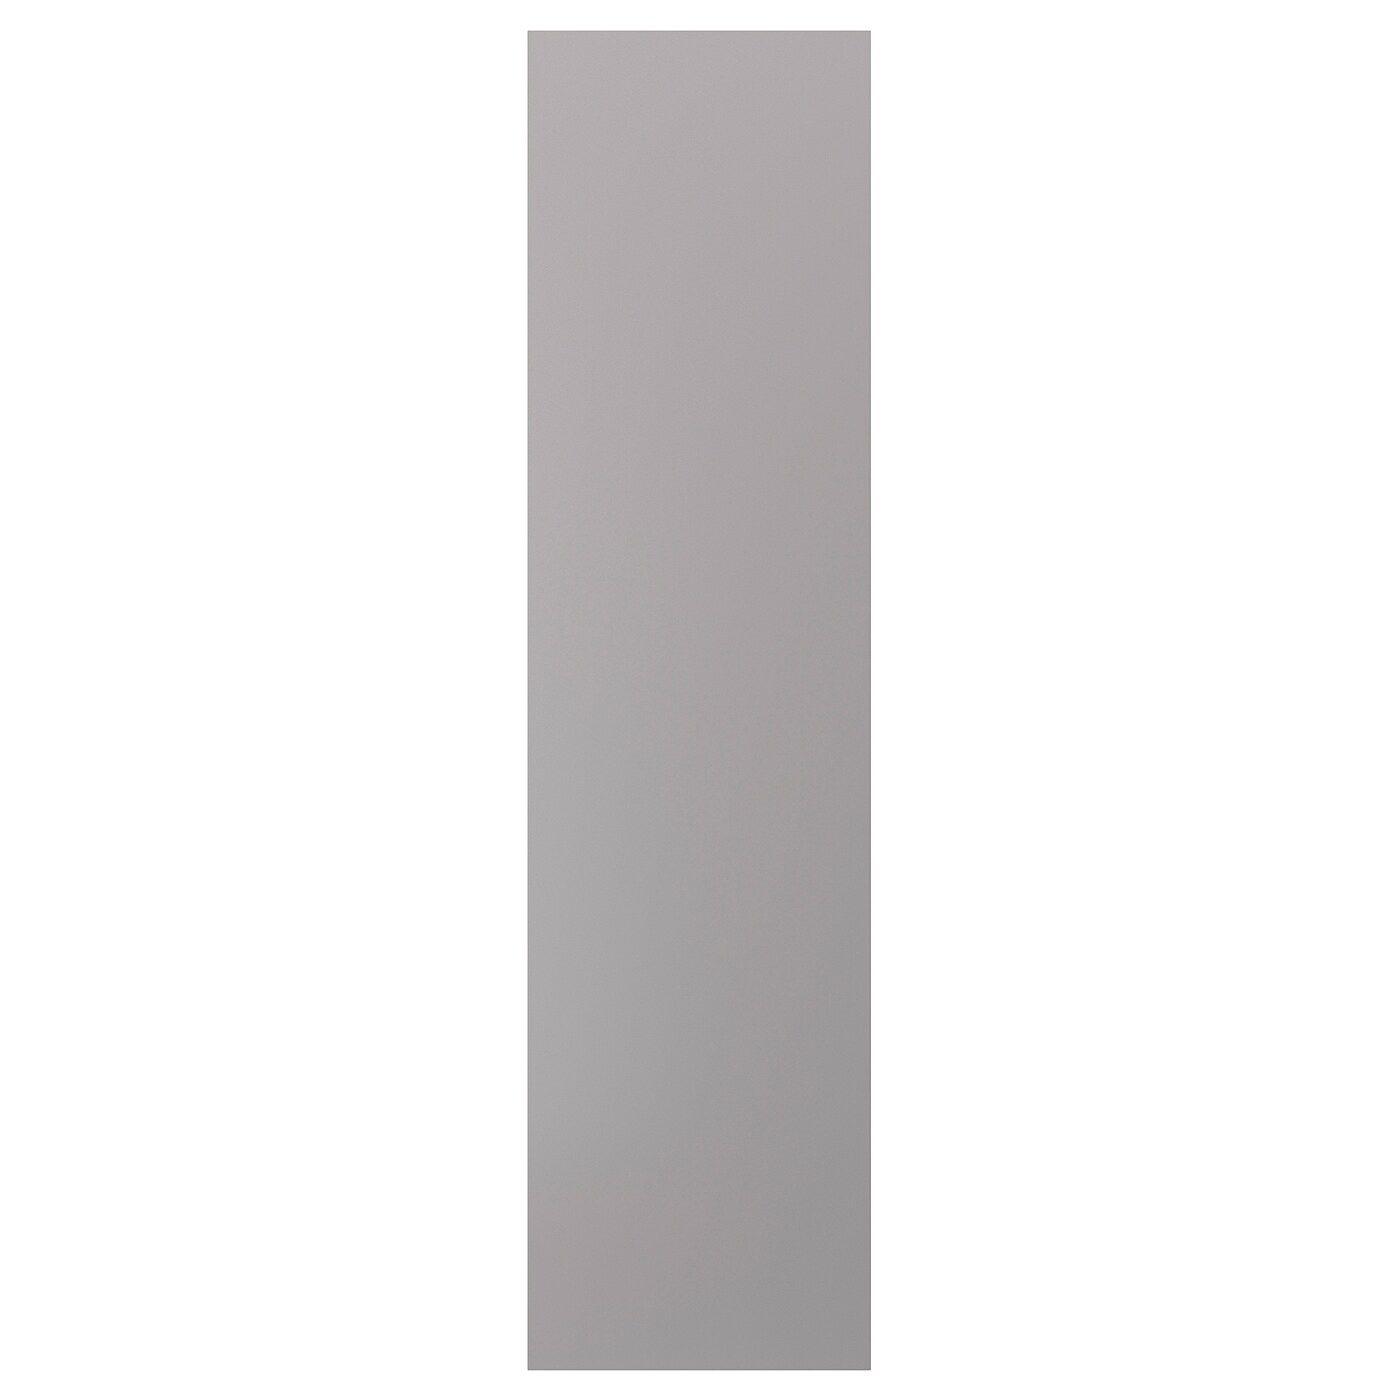 BODBYN Deckseite - grau - IKEA Österreich | Schiebegardine ...